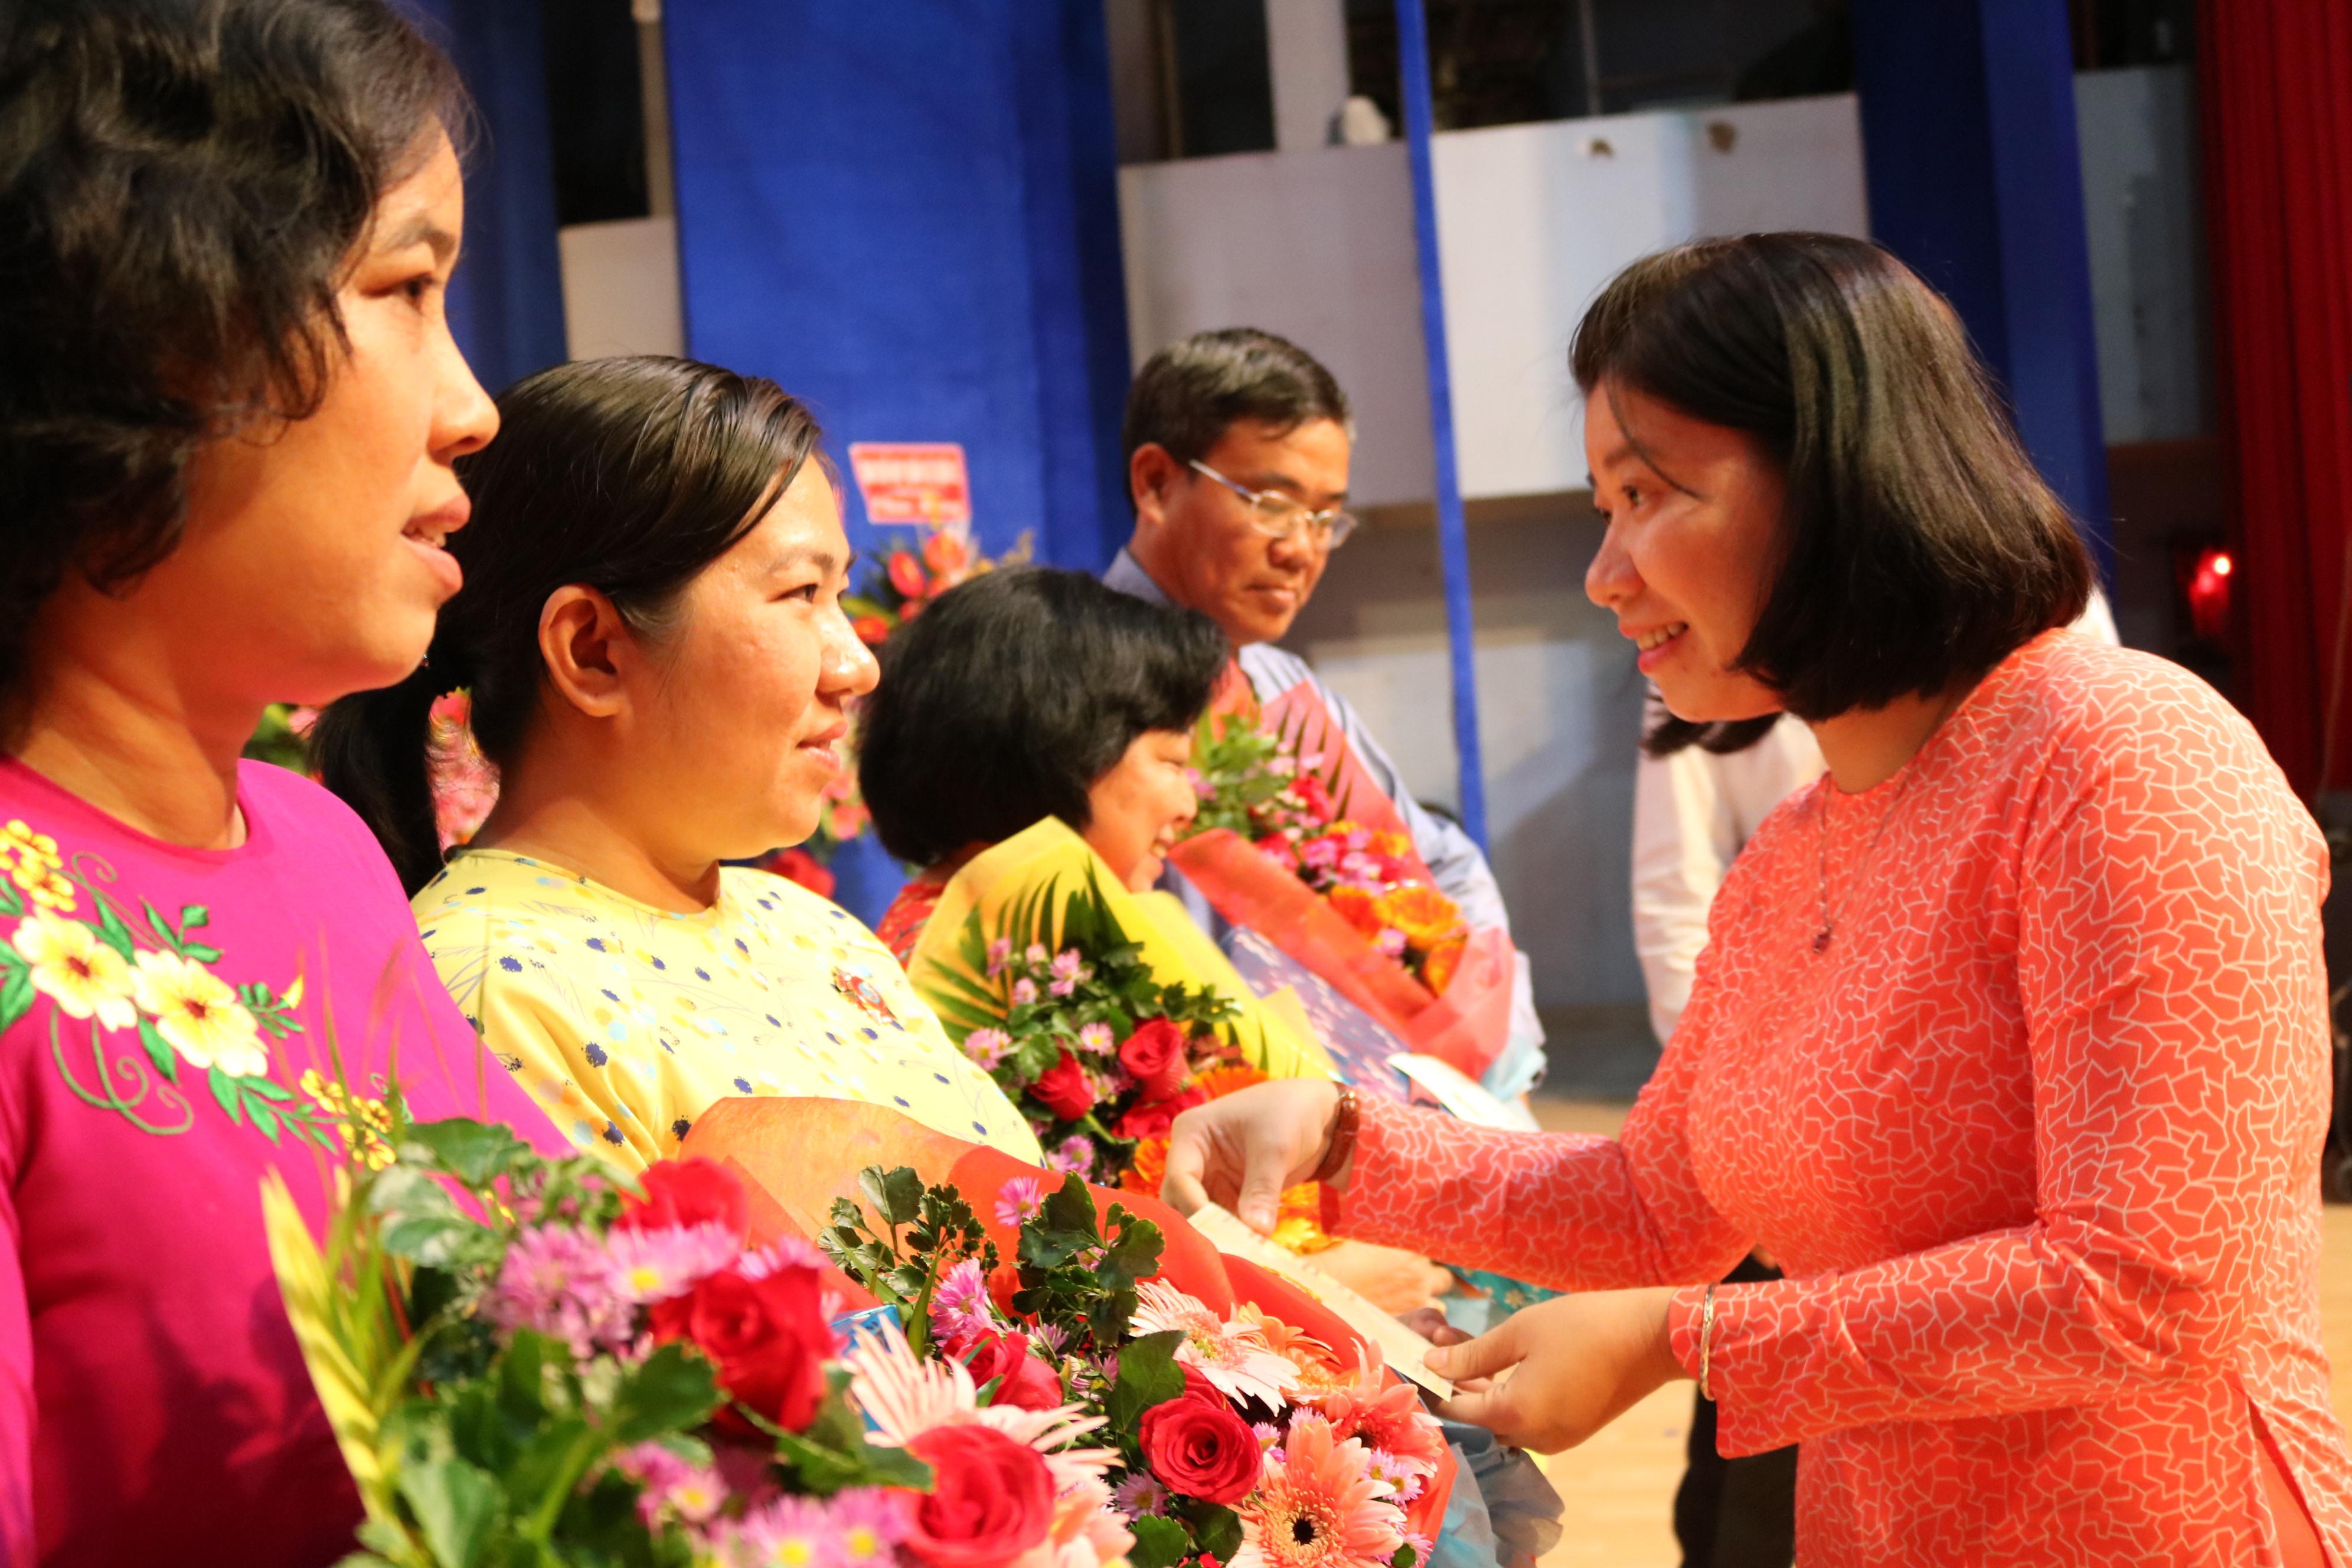 Bà Trần Thị Huyền Thanh - Phó chủ tịch Hội LHPN TP.HCM - chúc mừng và trao kỷ niệm chương Vì sự phát triển của phụ nữ Việt Nam do Trung ương Hội LHPN Việt Nam tặng các cá nhân điển hình của Q.2